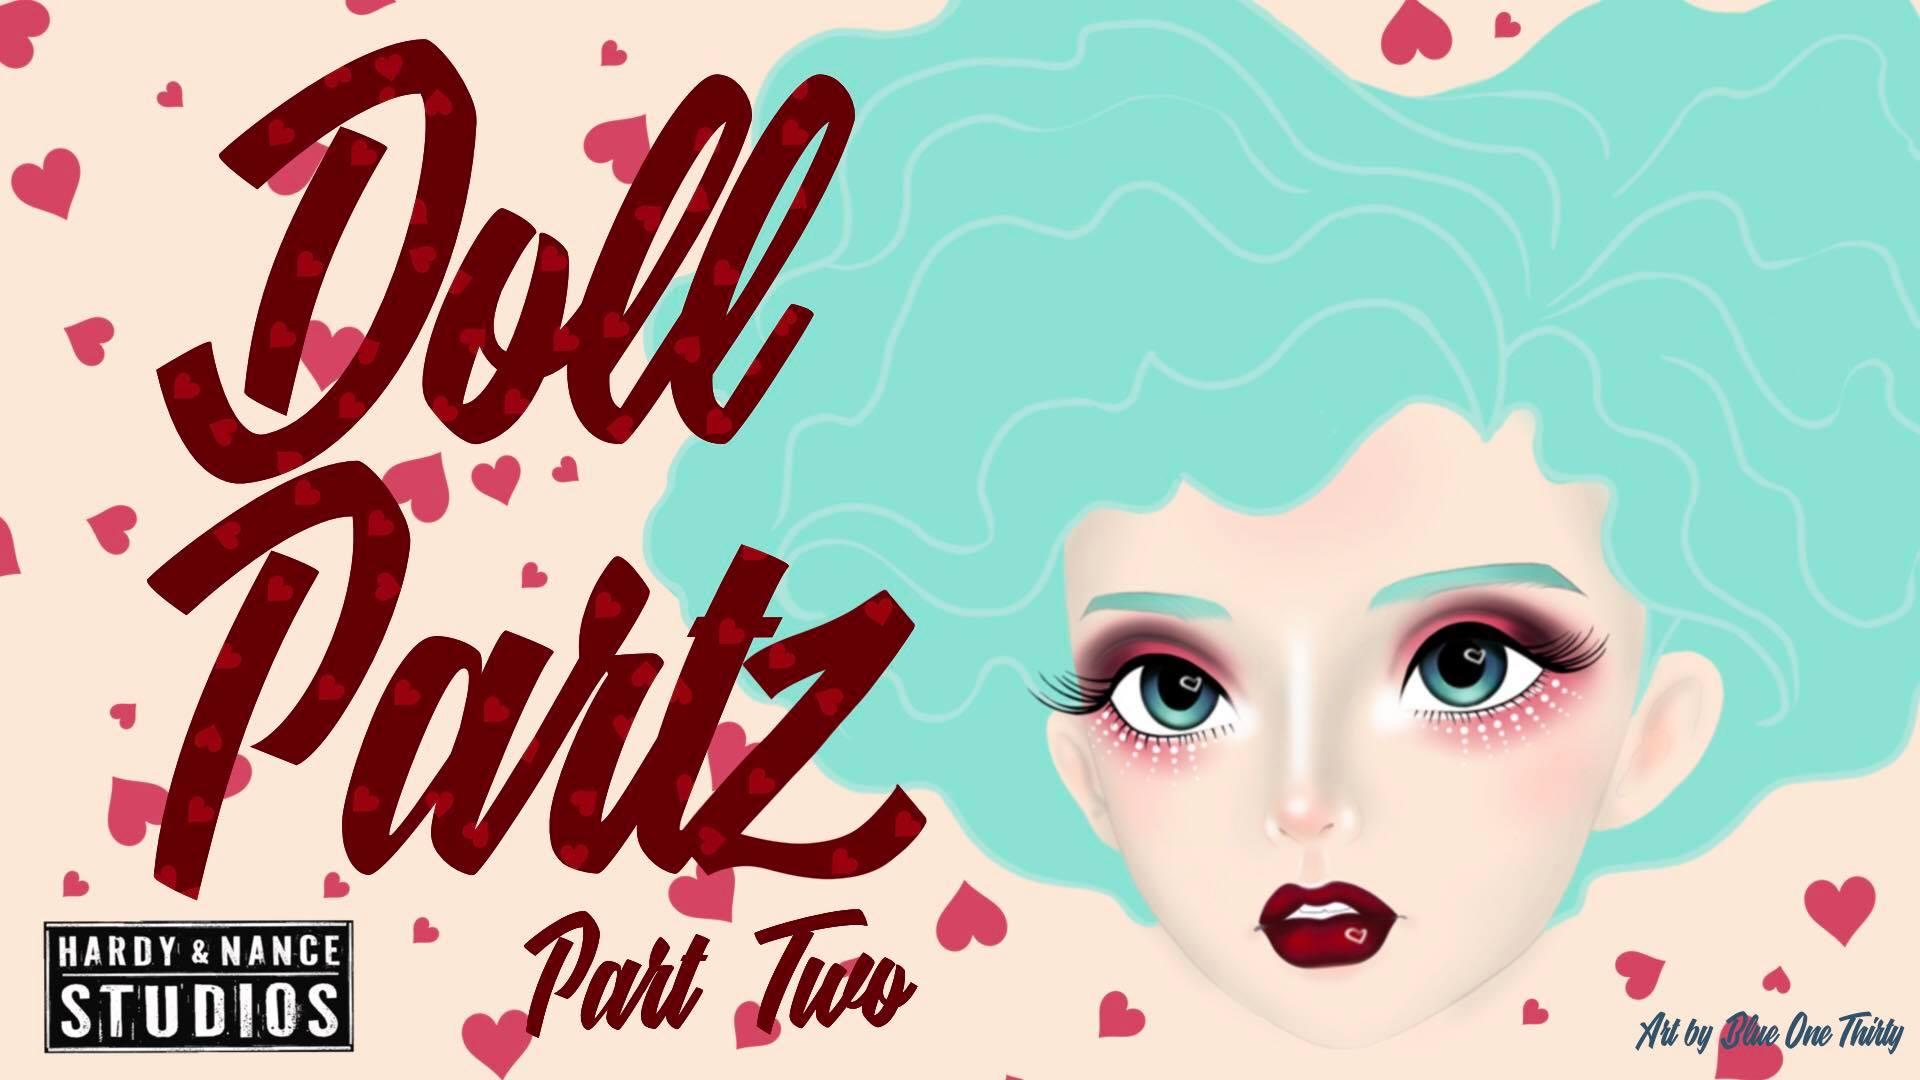 DollPartsJuly2019.jpg